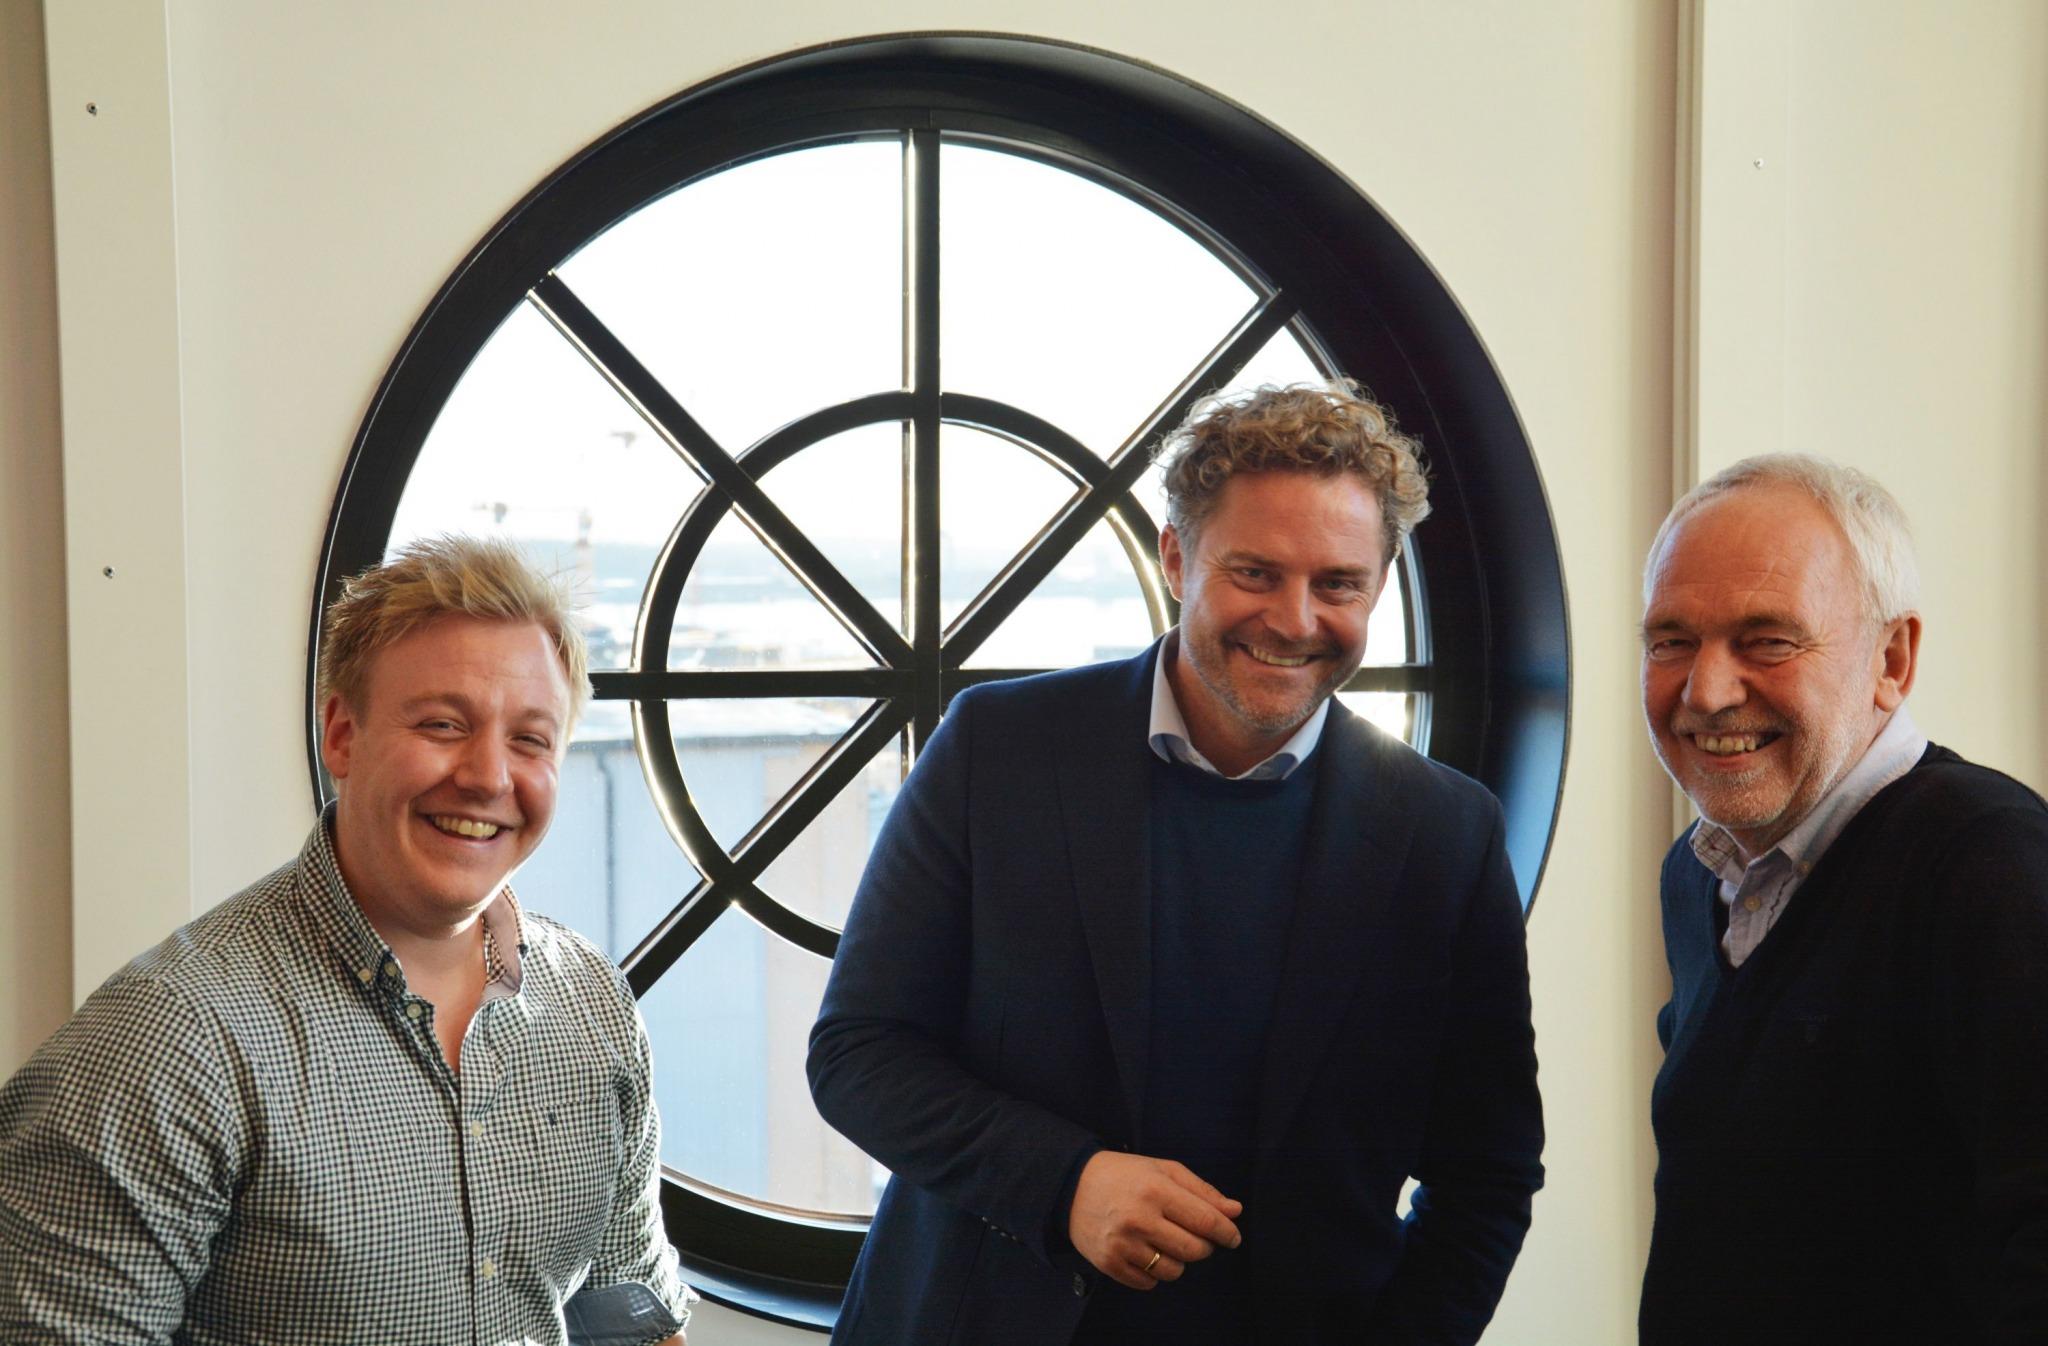 Innovatører hos Abax; Kjetil Lassen, Bjørn Erik B. Helgeland og Tor Engebretsen.